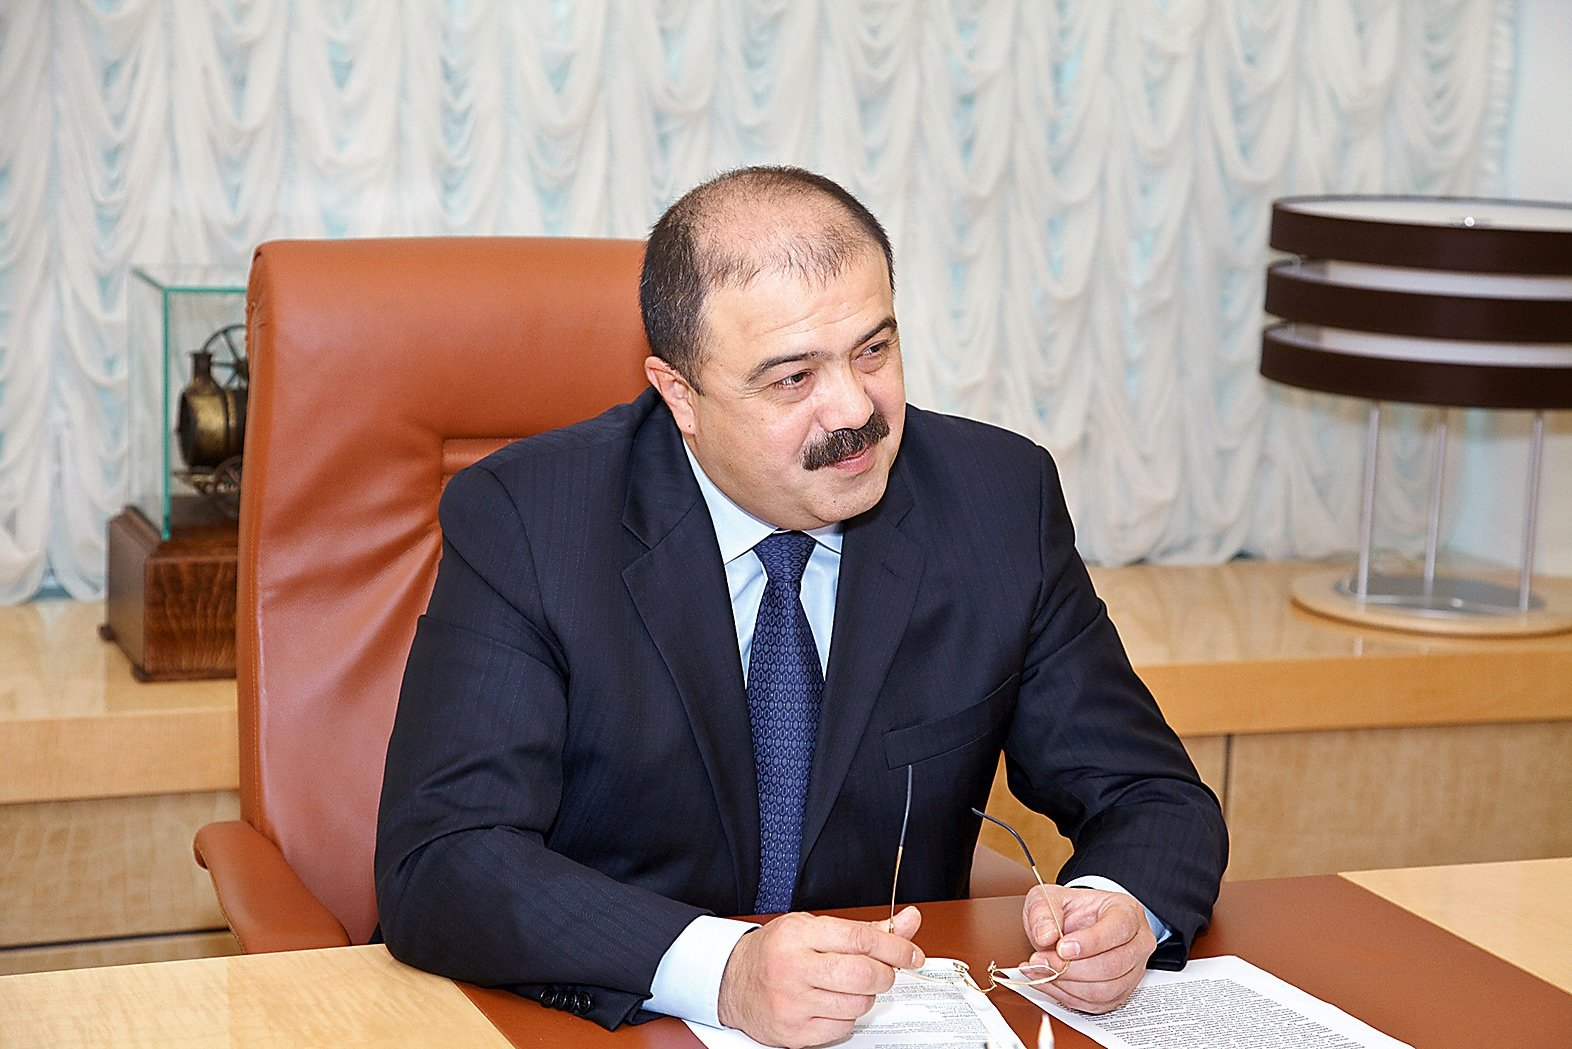 Махмудов Искандар Кахрамонович - Российский Предприниматель